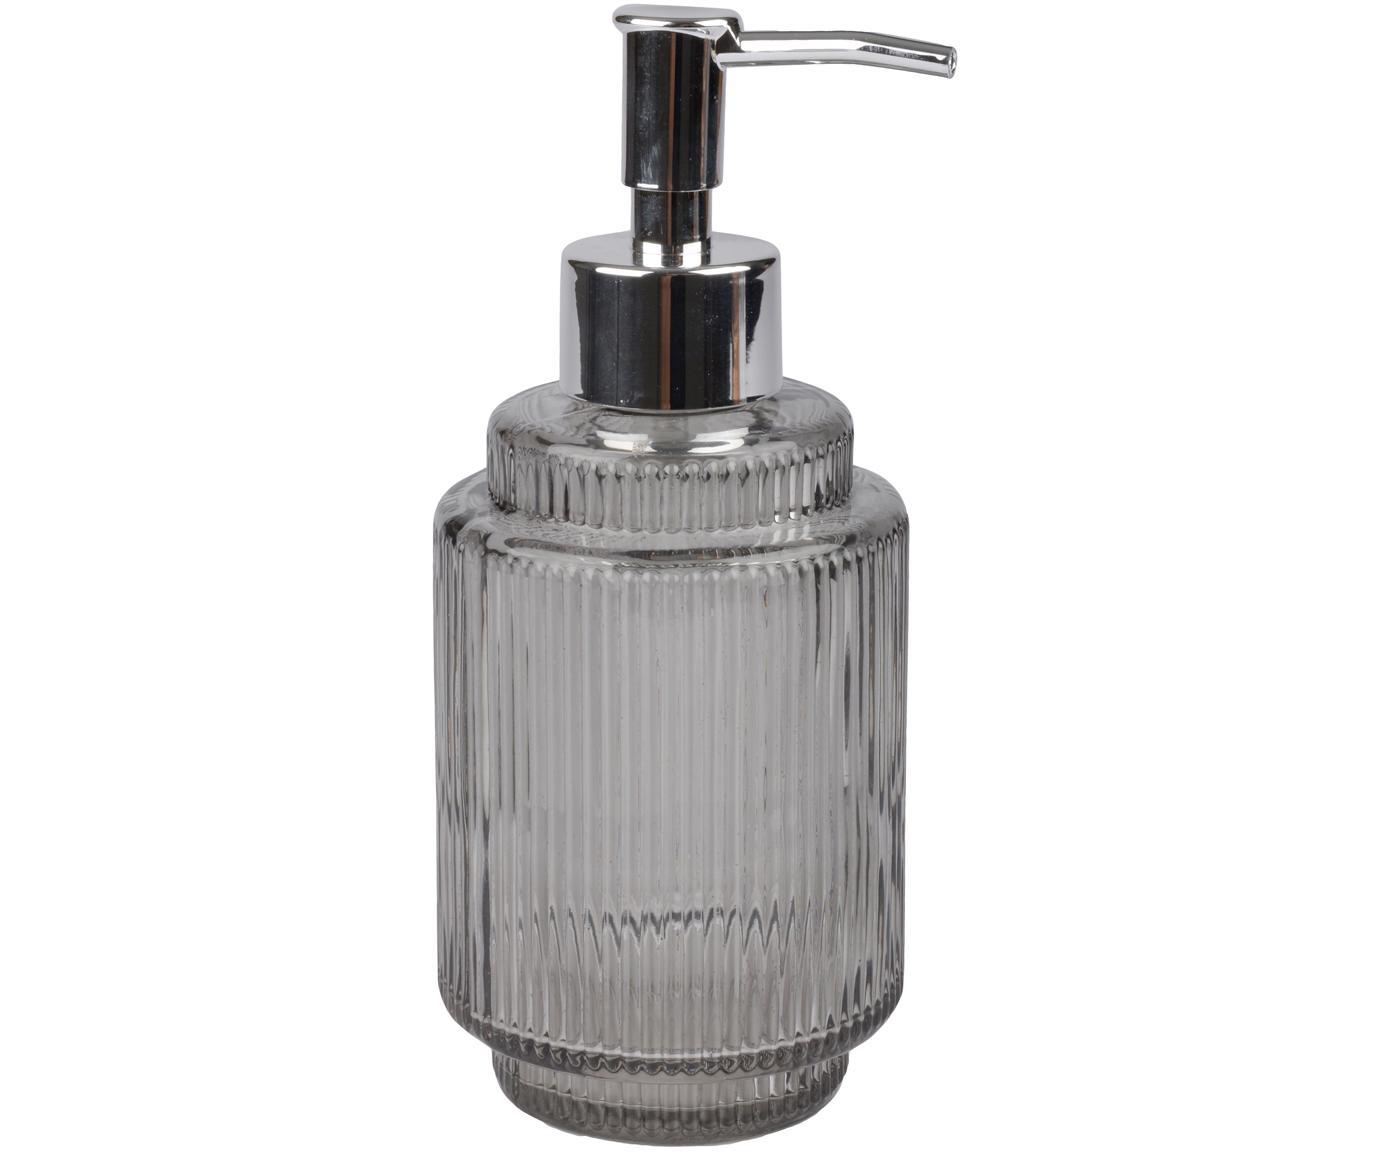 Dozownik do mydła ze szkła karbowanego Ligia, Szkło, Szary, transparentny, odcienie srebrnego, Ø 8 x W 17 cm